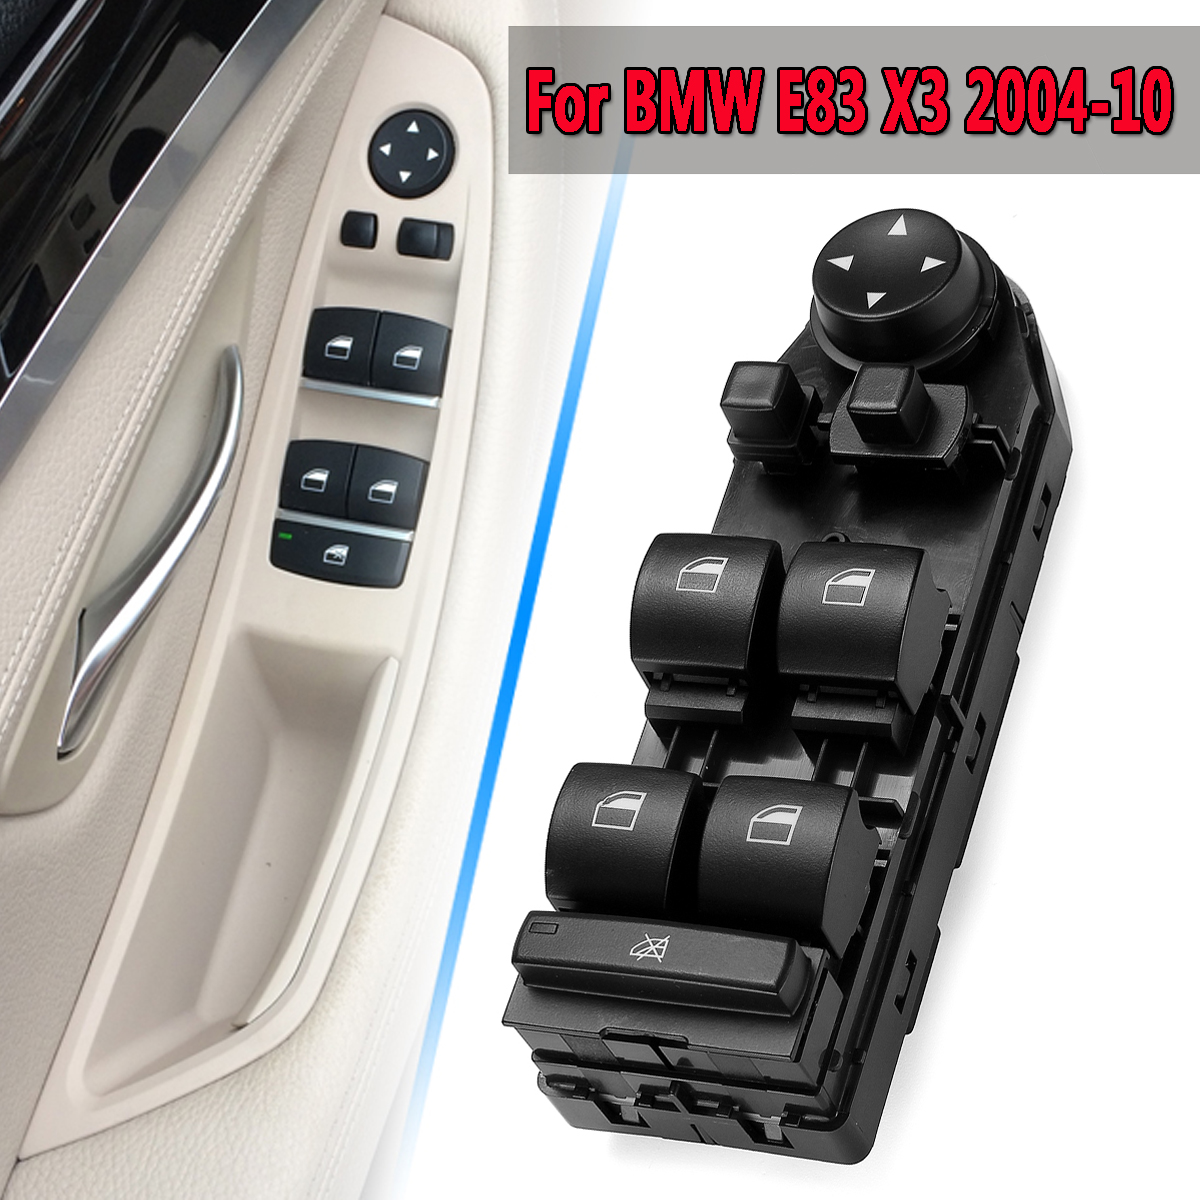 Nouveau Conducteur de Voiture Lève-Vitre Miroir Contrôle Commutateur D'unité Convient Pour BMW E83 X3 2004-2010 Nouveau Noir Gauche /droite Haute Match/Bas Match